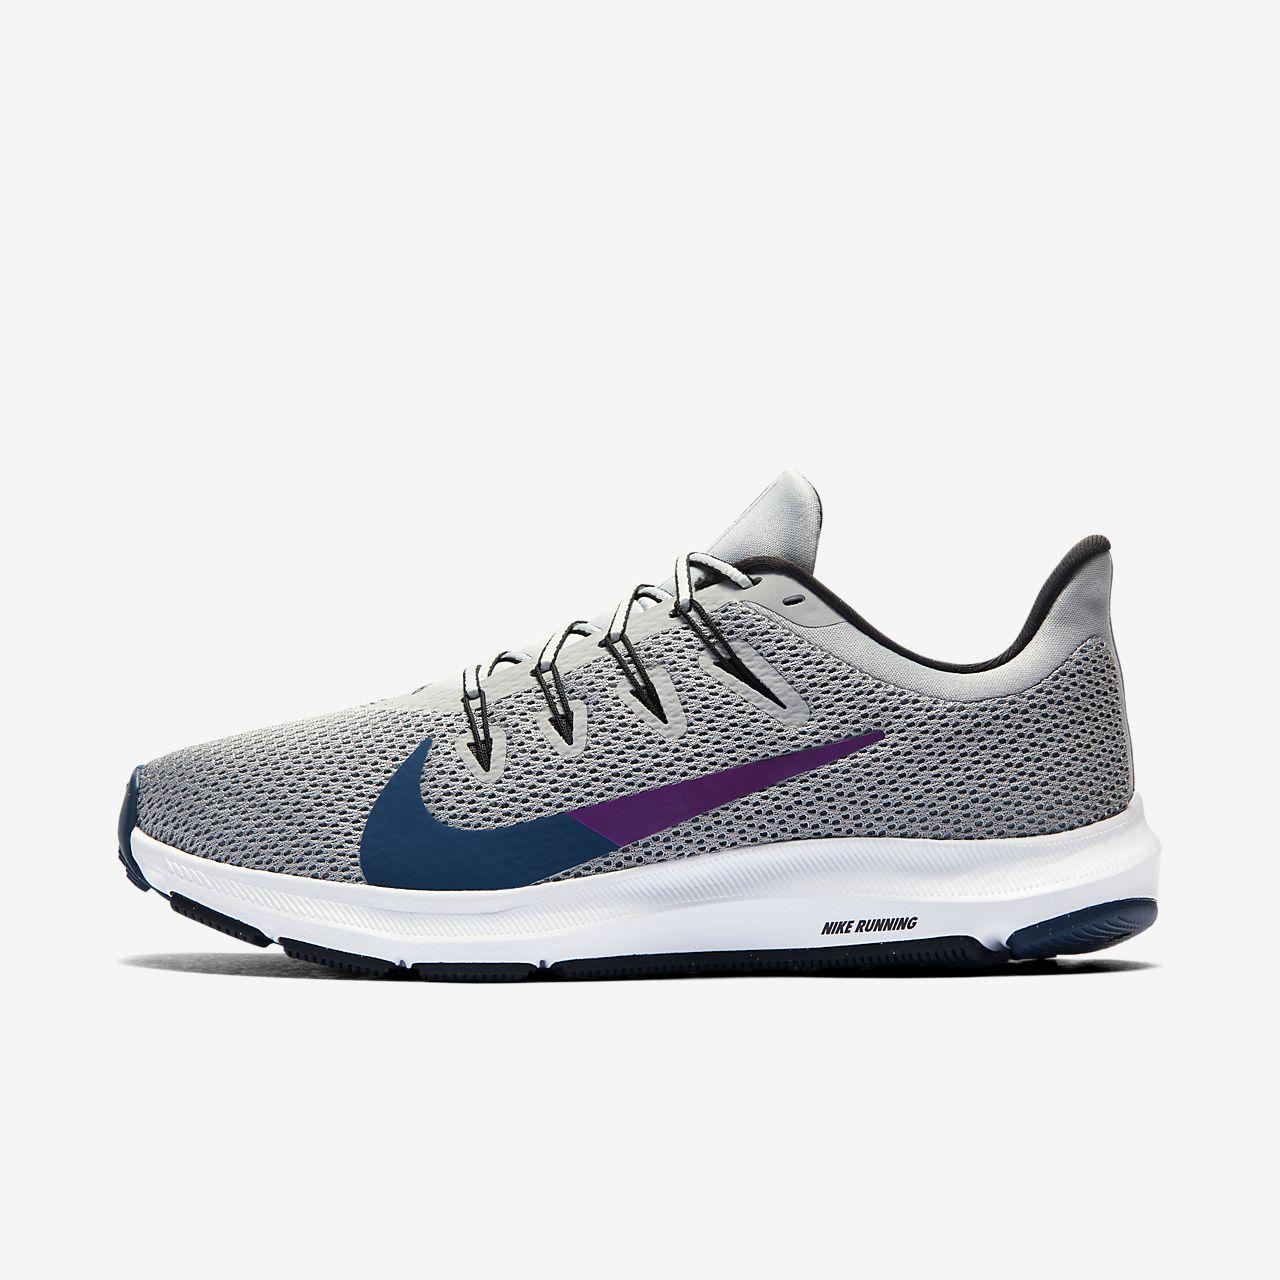 Γυναικείο παπούτσι για τρέξιμο Nike Quest 2